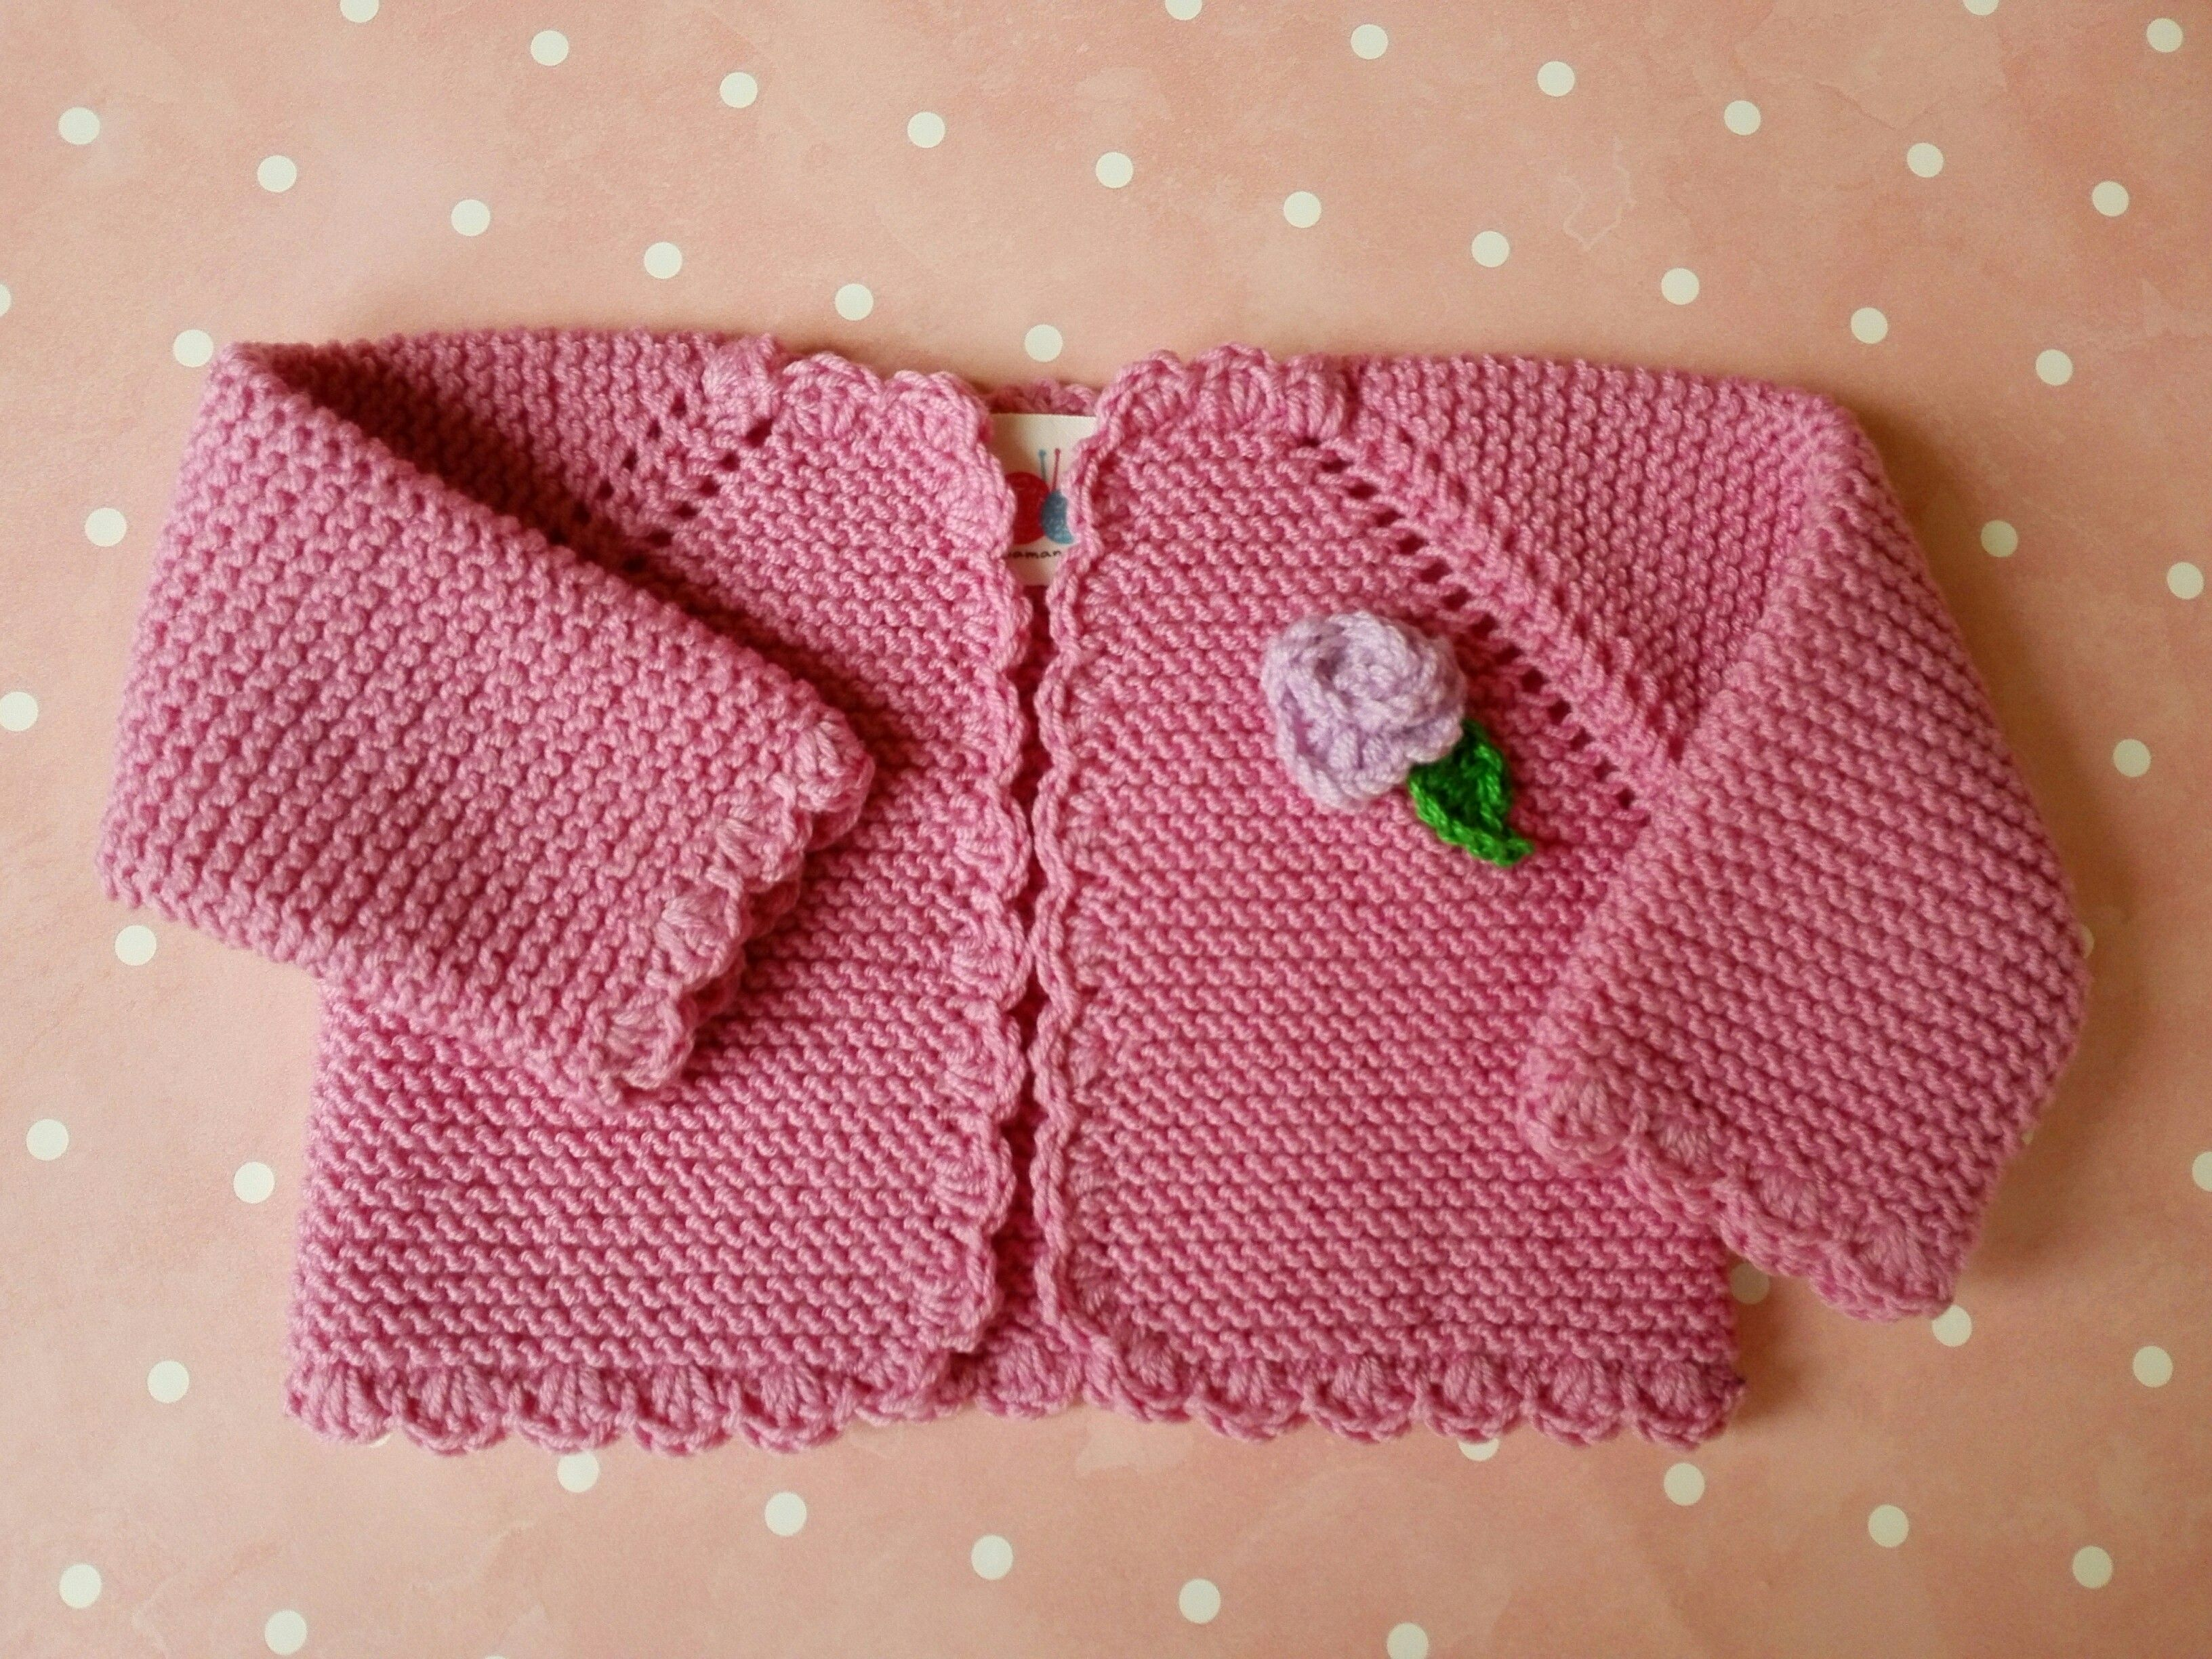 Comprar chaqueta beb de 0 a 3 meses de lana merino rosa chicle con un toque actual y divertido - Tejer chaqueta bebe 6 meses ...